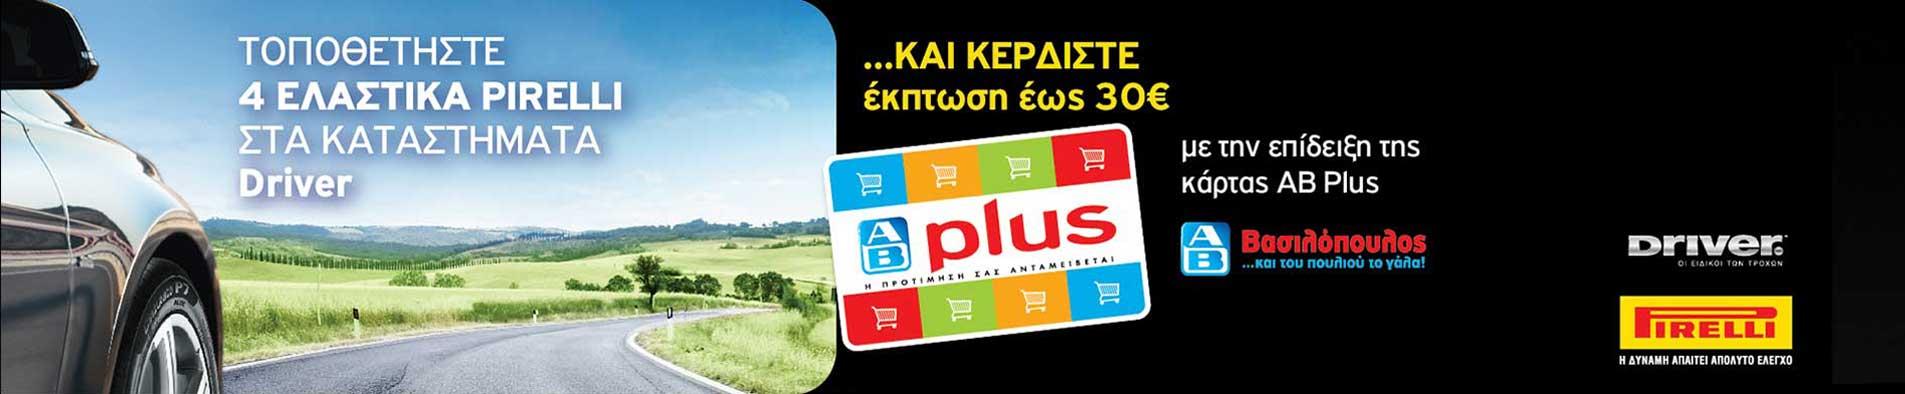 AB Plus